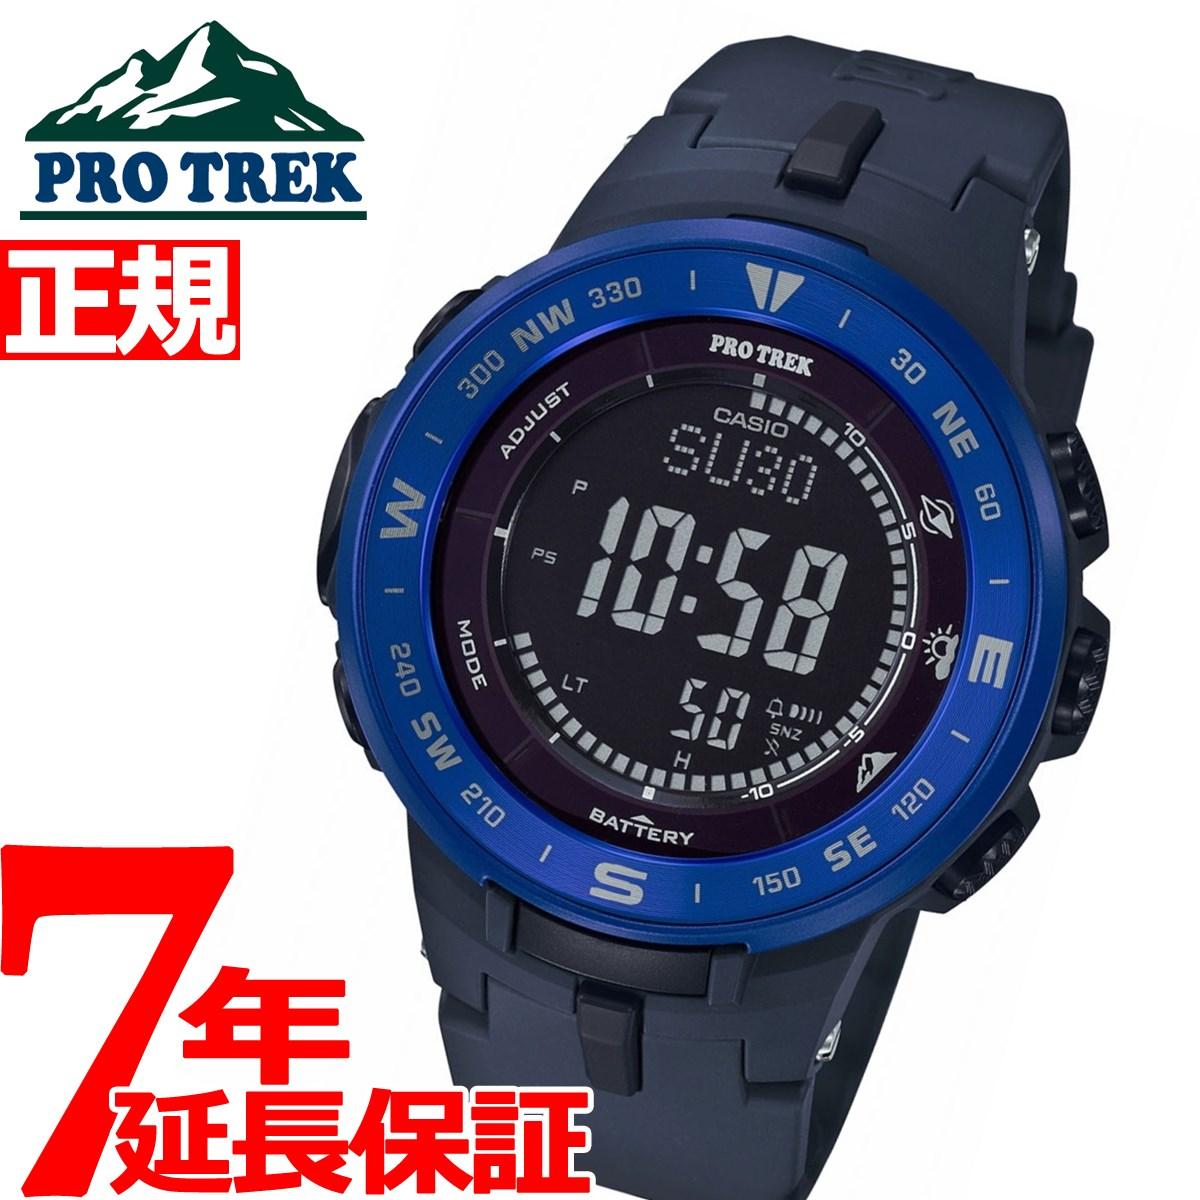 【5日0時~♪2000円OFFクーポン&店内ポイント最大51倍!5日23時59分まで】カシオ プロトレック CASIO PRO TREK ソーラー 腕時計 メンズ タフソーラー PRG-330-2JF